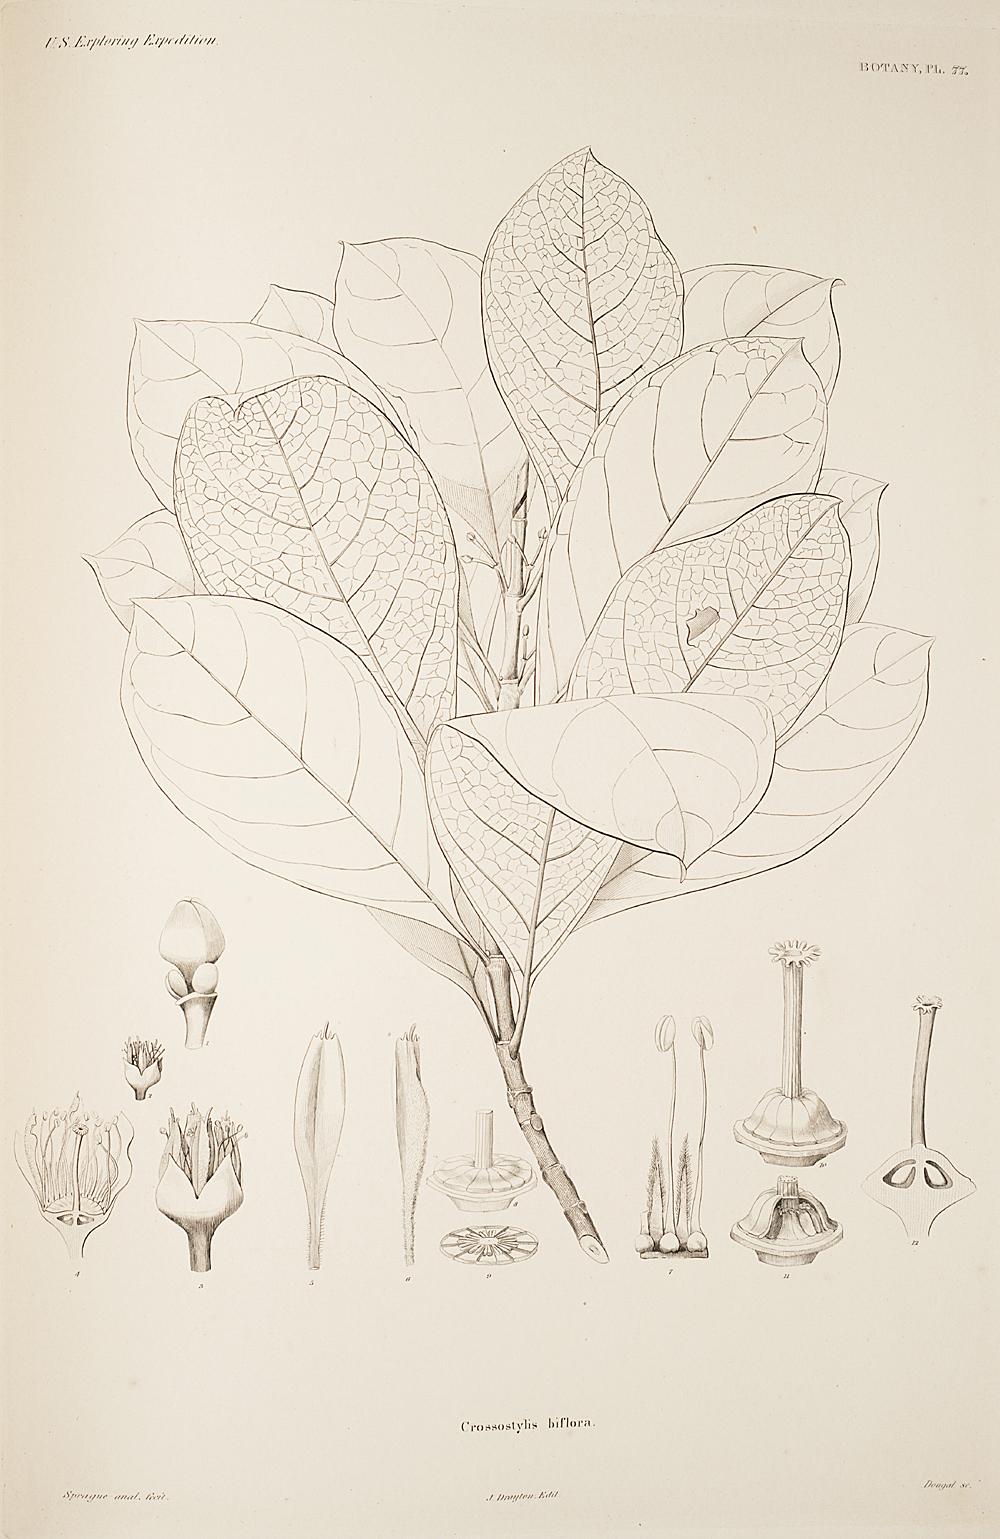 Botany, Pl. 77,  Image number:sil19-23-165b